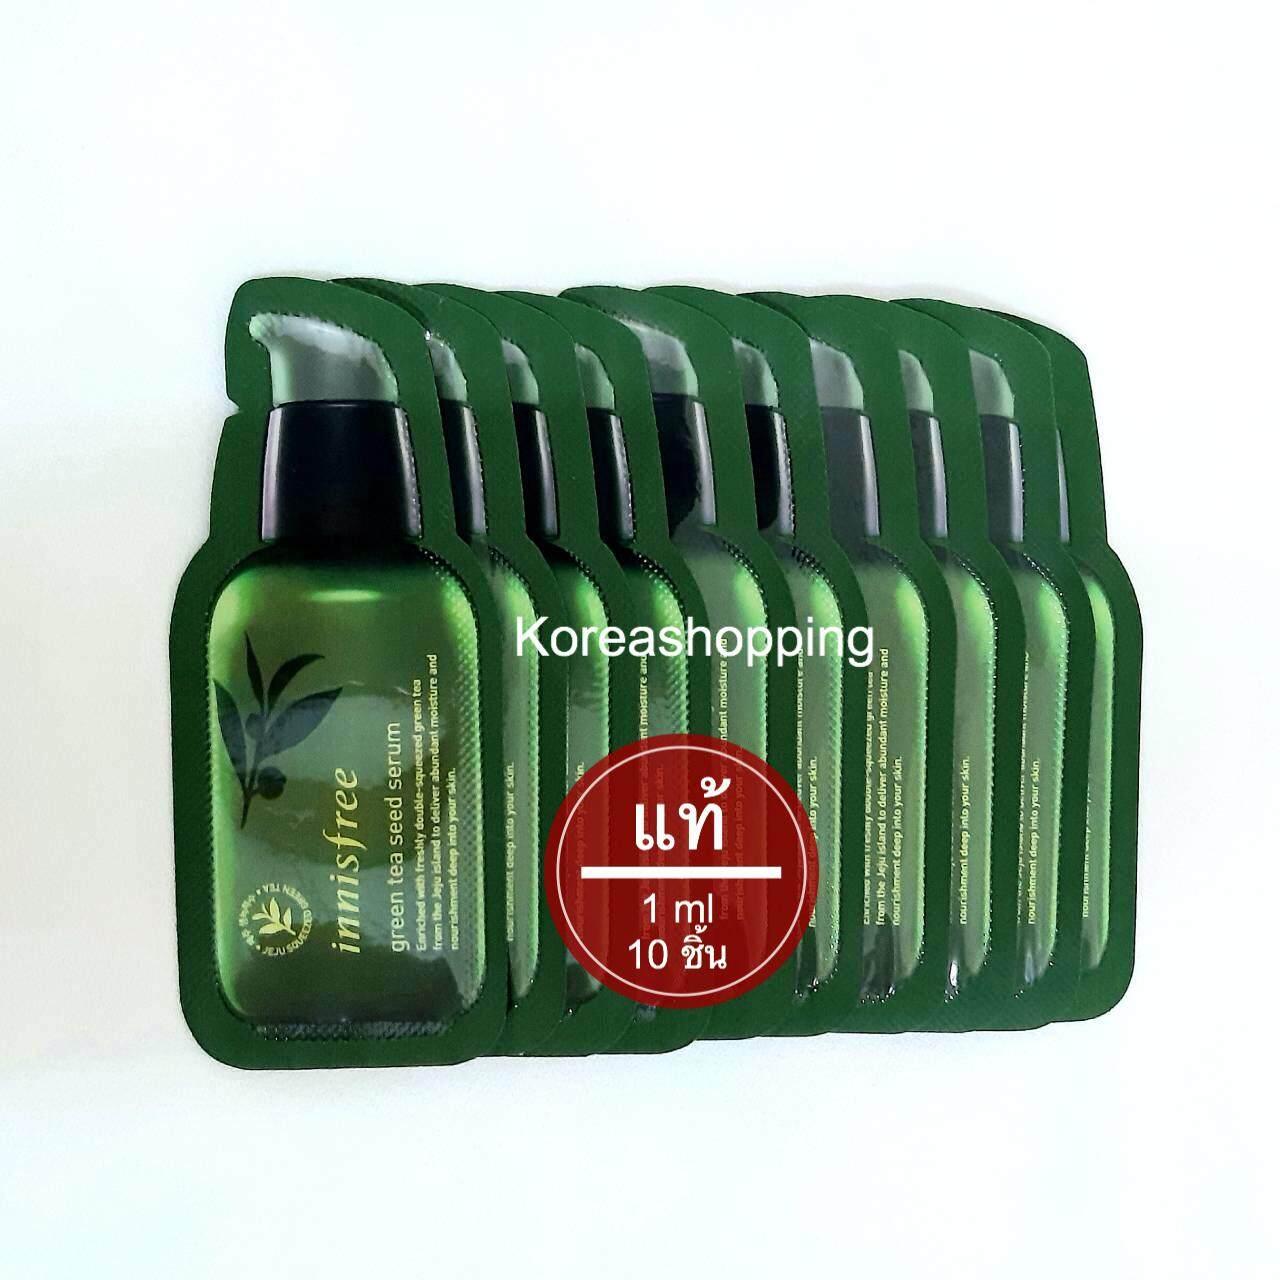 (10 ชิ้น แท้/พร้อมส่ง) Innisfree Green Tea Seed Serum 1 ml เซรั่มชาเขียวอันดับ 1 จากเกาหลี